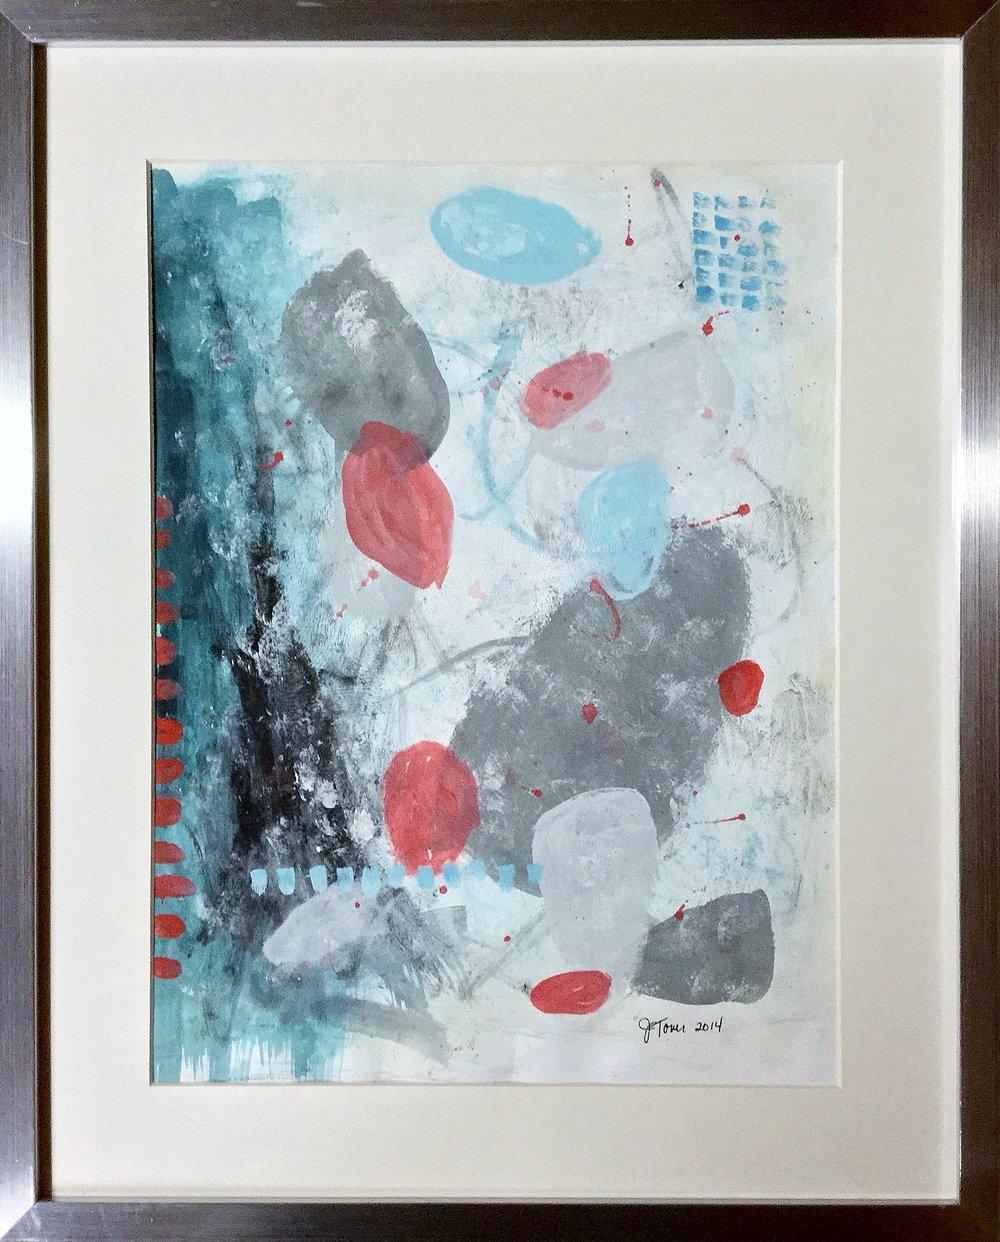 Stones 3 (2014)